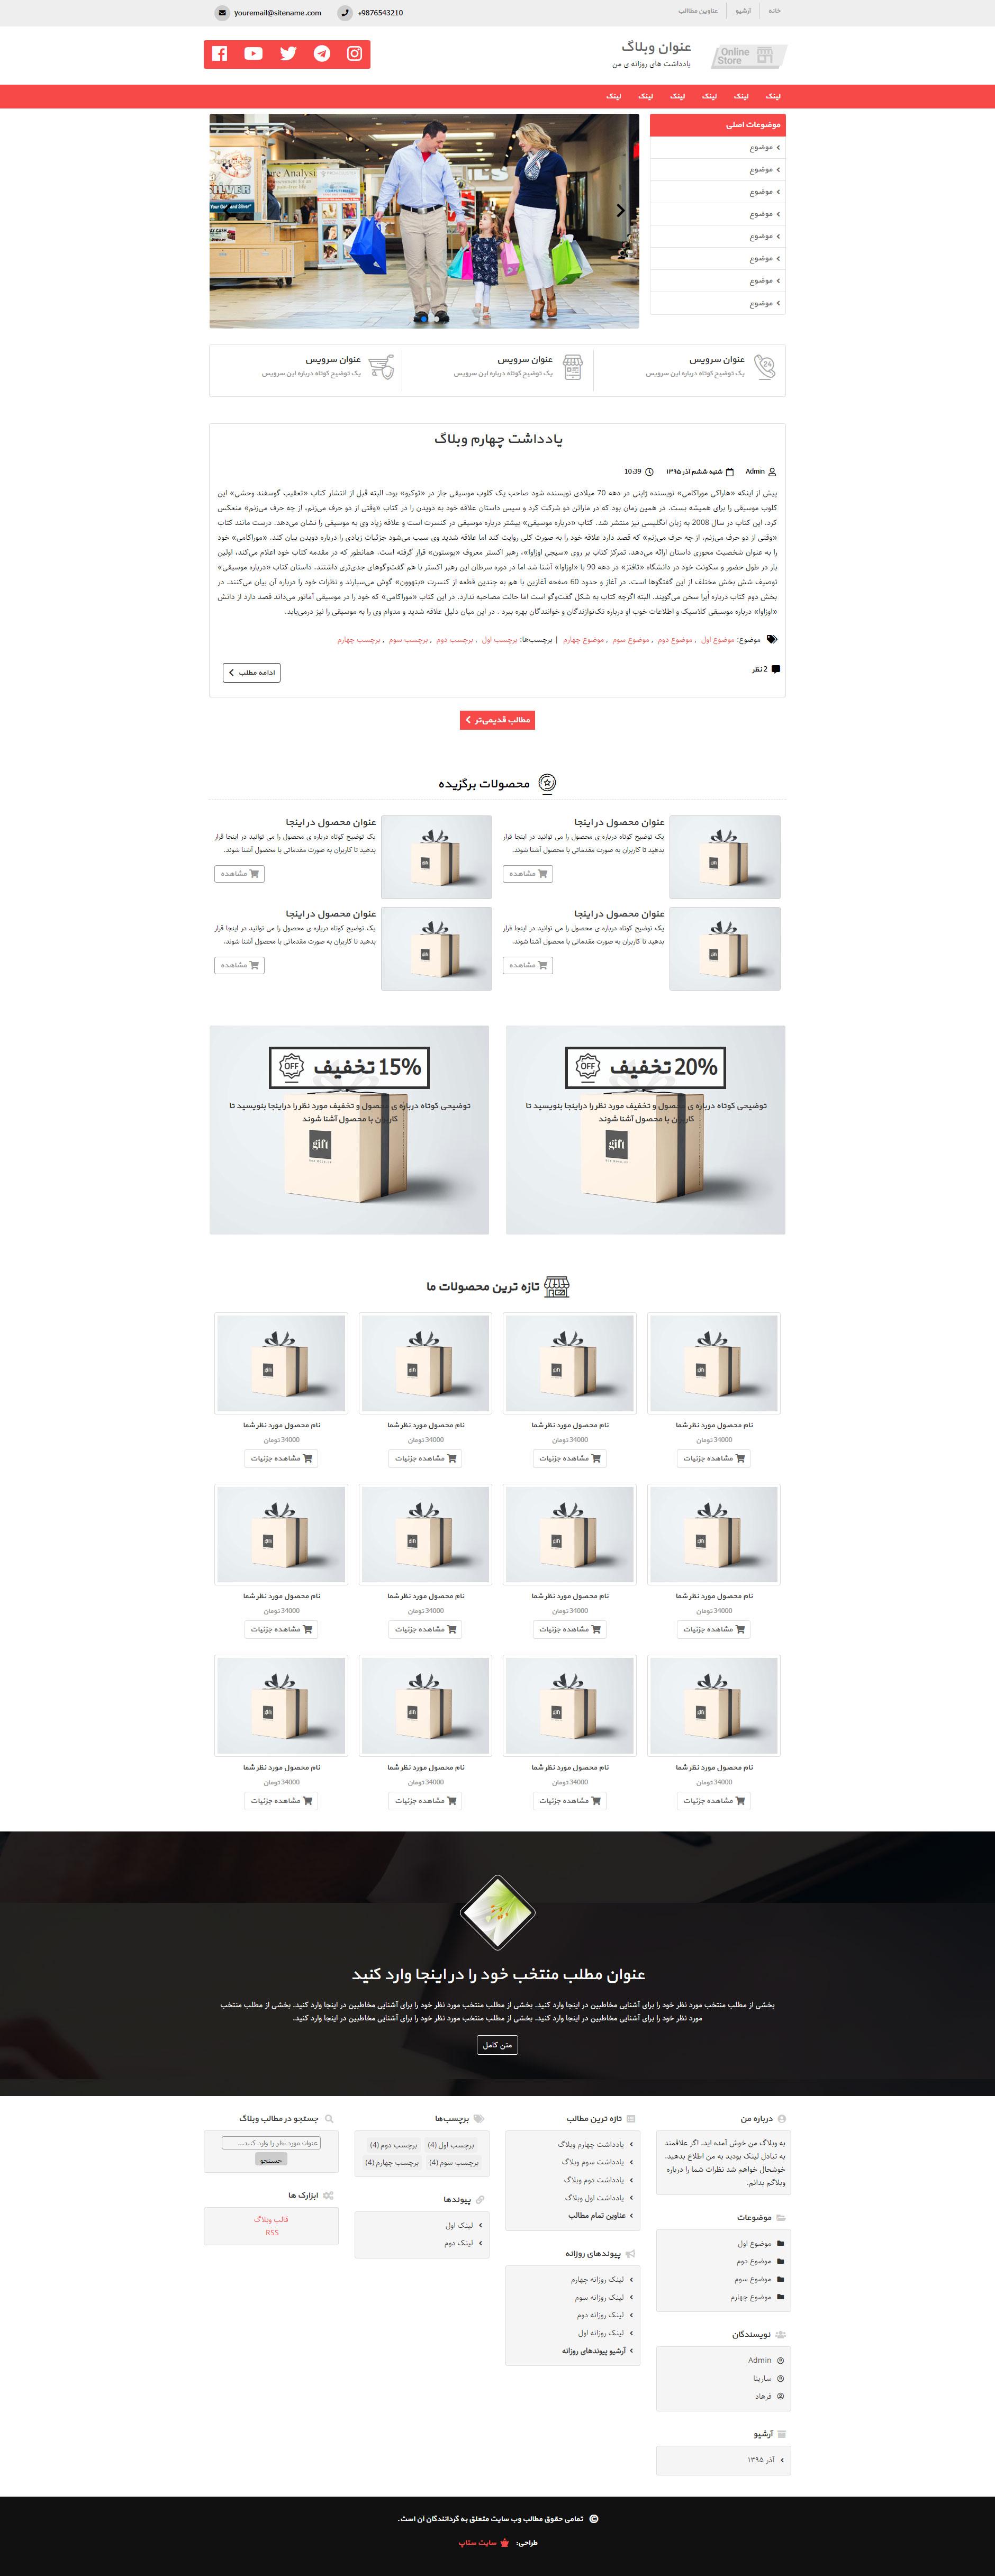 قالب حرفه ای وبلاگ - فروشگاه اینترنتی